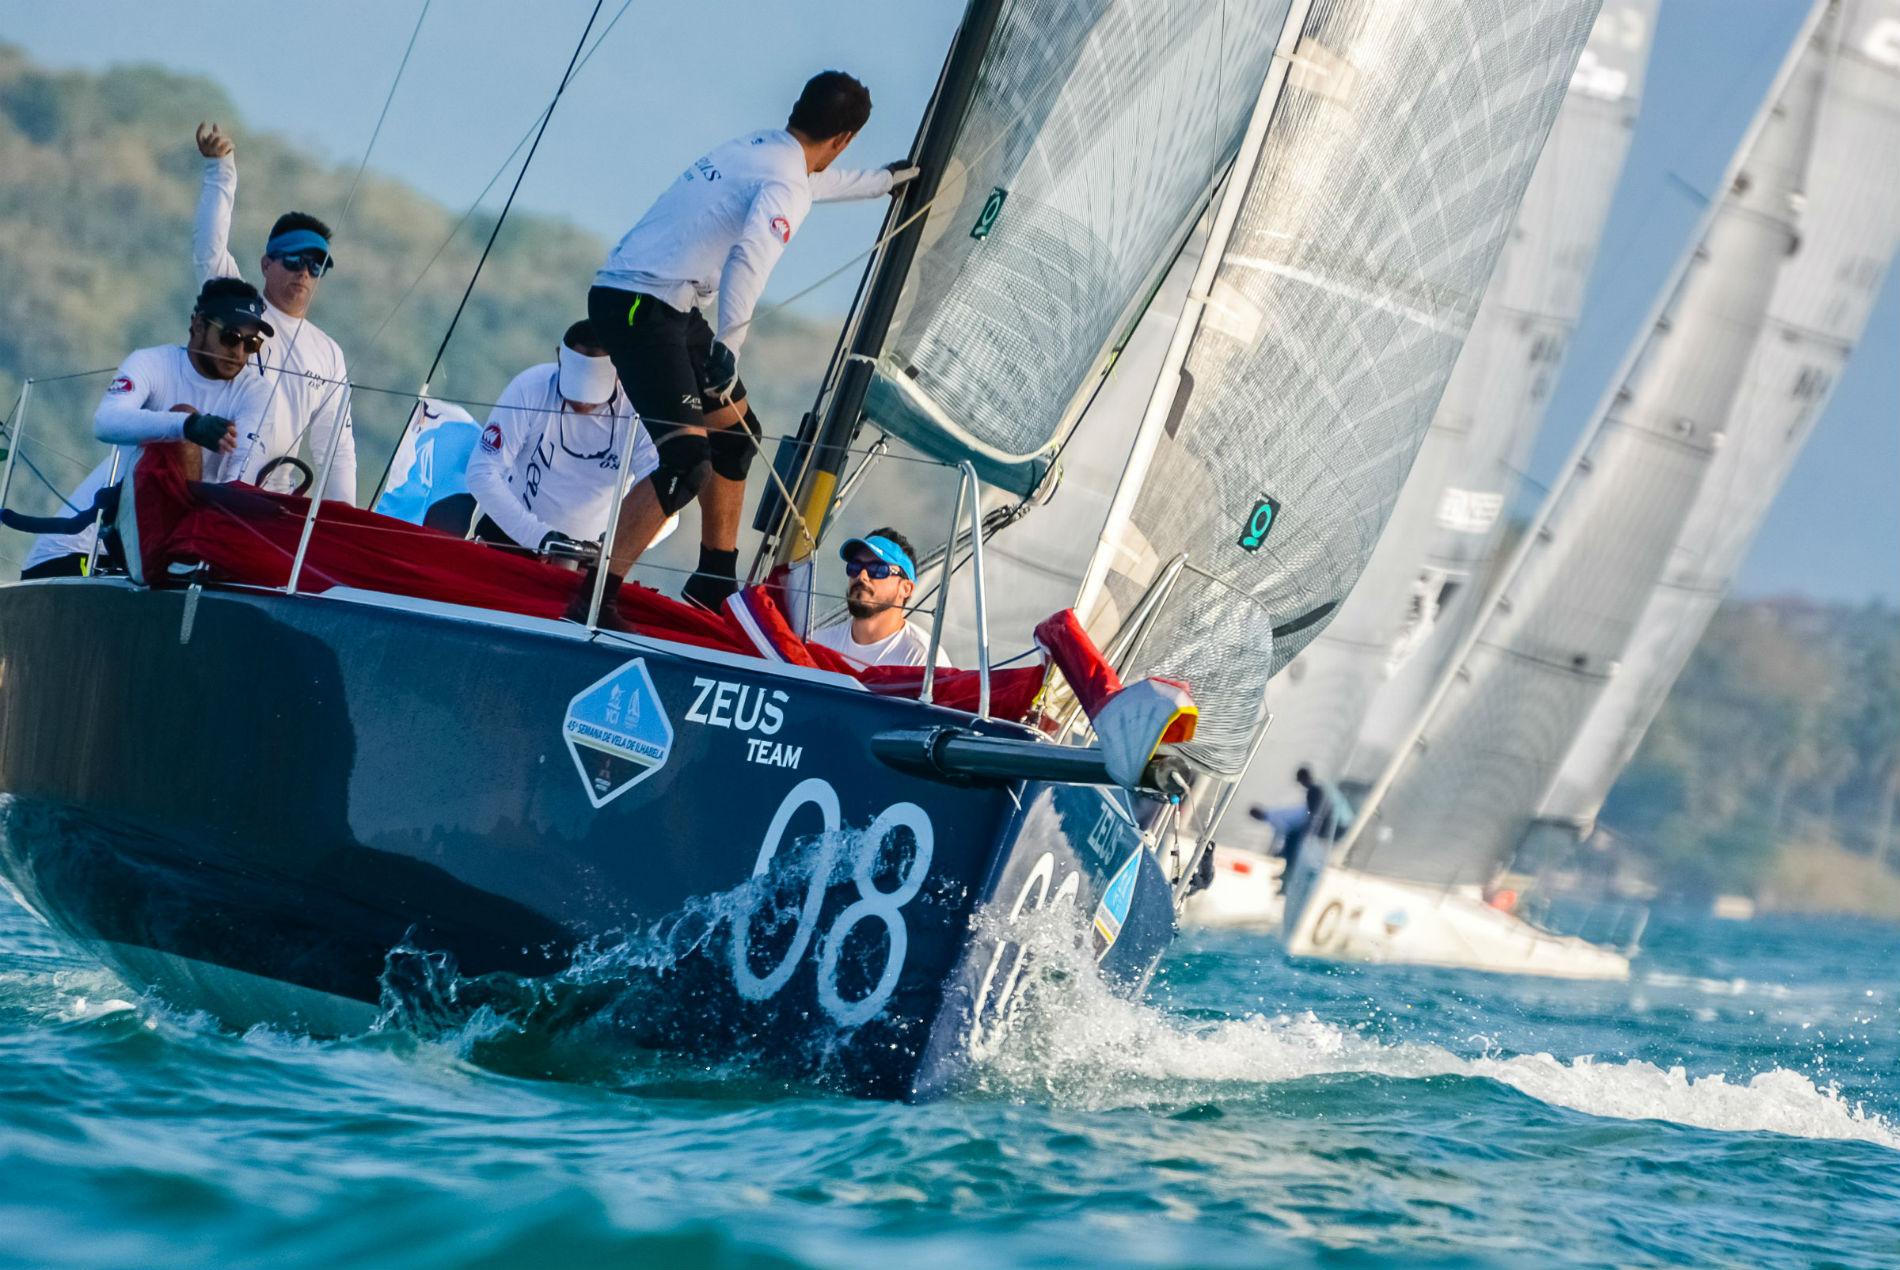 Zeus Sailing Team (Edu Grigaitis / Balaio de Ideias